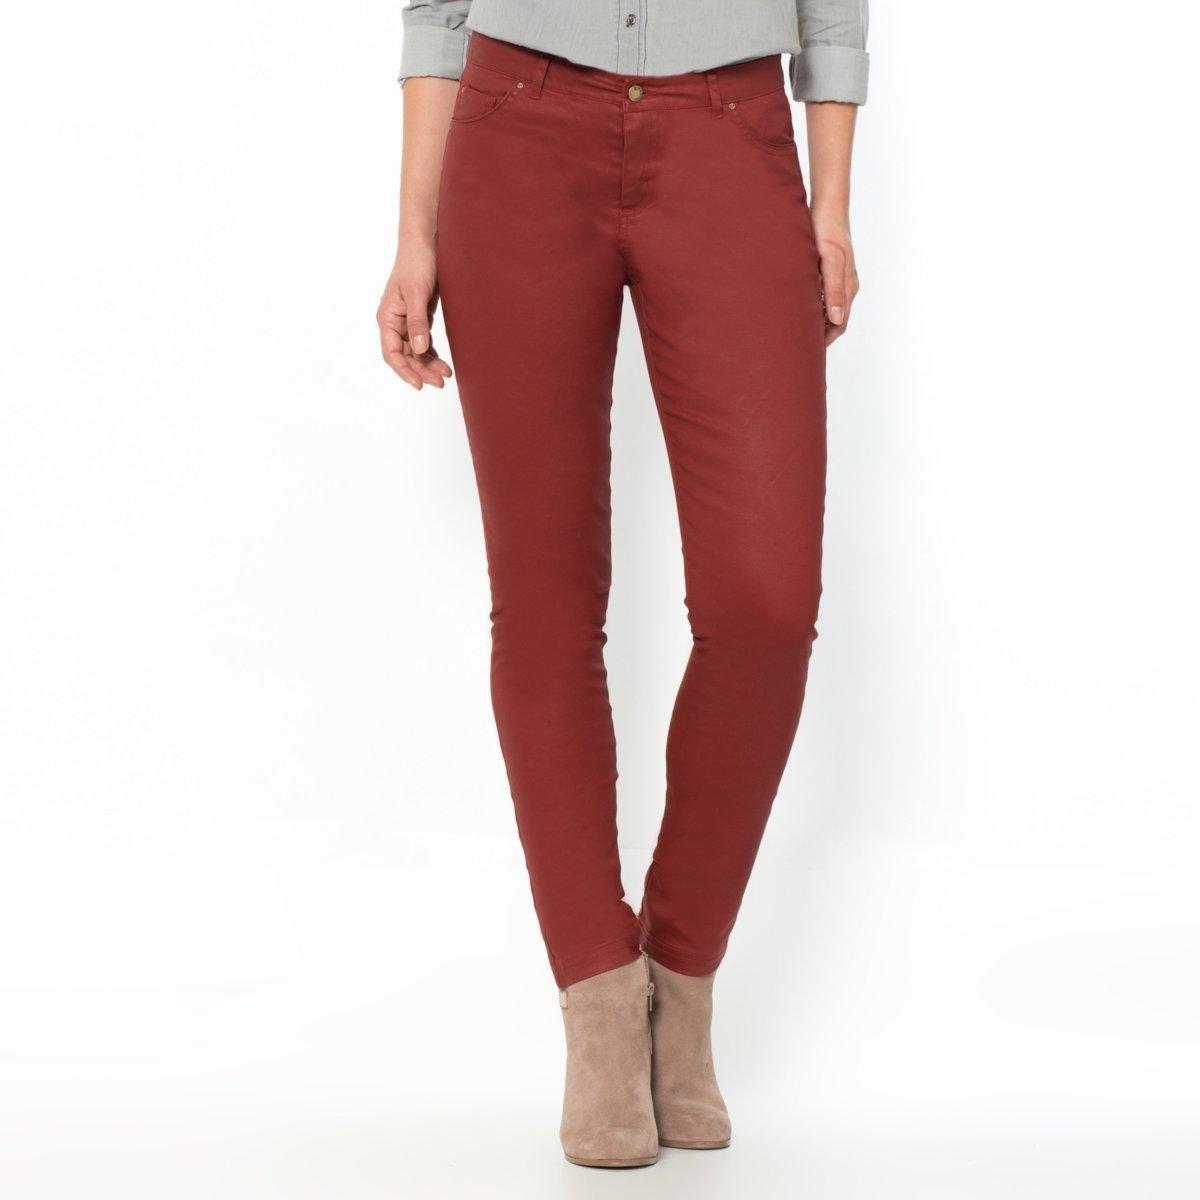 Брюки узкие с пропиткойУзкие брюки с пропиткой, 5 карманов. Пояс со шлевками. Застежка на молнию.2 кармана спереди + 1 часовой кармашек спереди и 2 накладных кармана сзади.Надставка сзади. Длина по внутр.шву 83 см, ширина по низу 15 см.<br><br>Цвет: красный/ кирпичный<br>Размер: 48 (FR) - 54 (RUS)